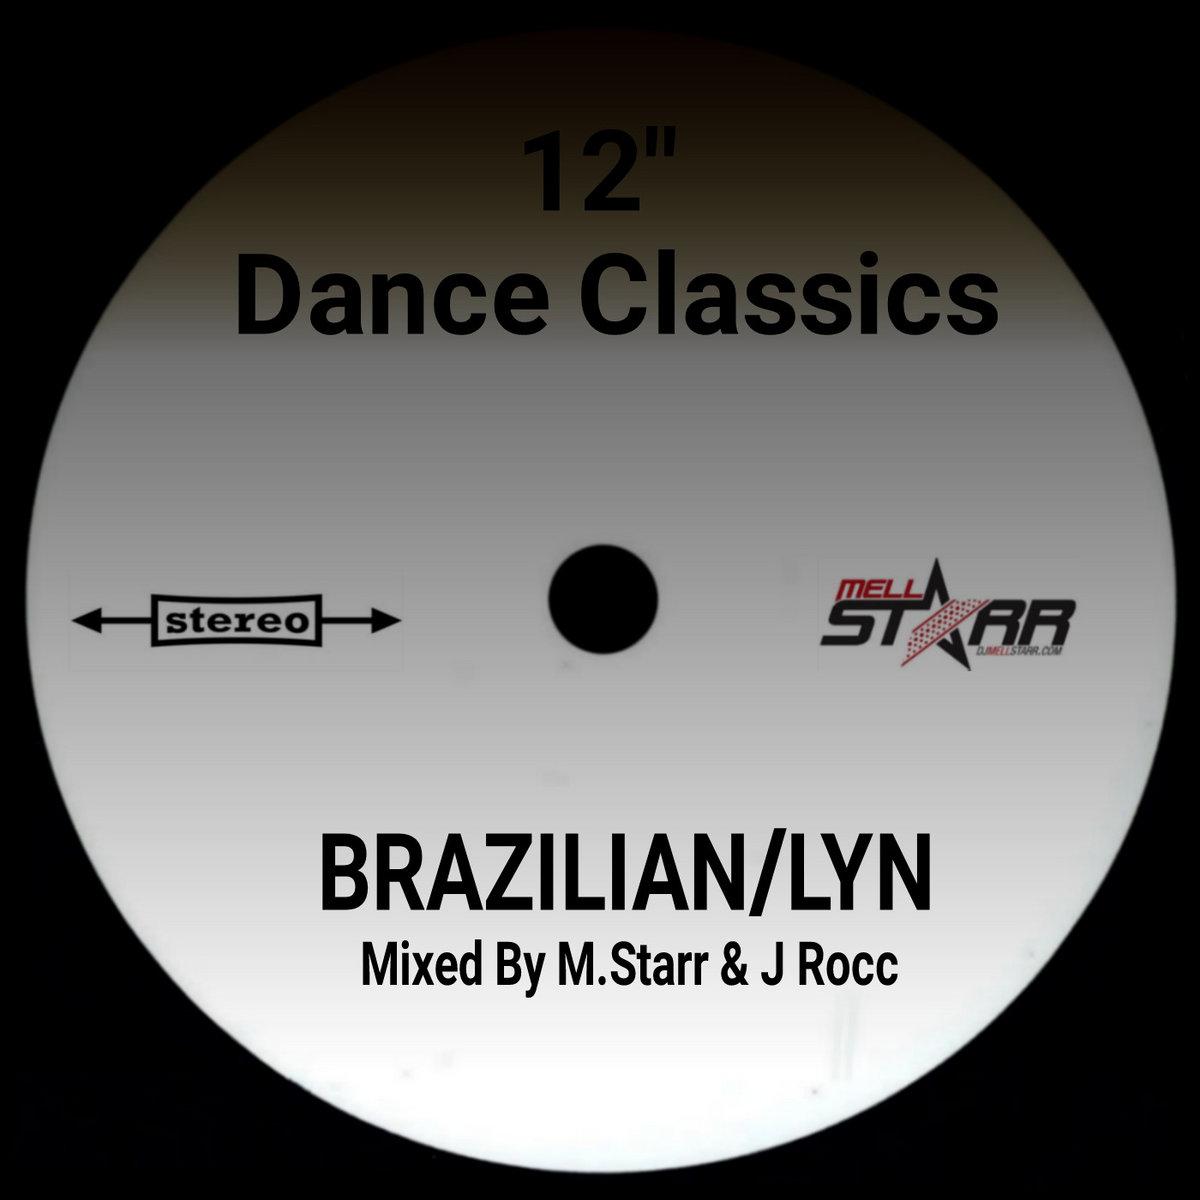 Brazilian/Lyn (Party Breaks) By M Starr & J  Rocc | Mell Starr